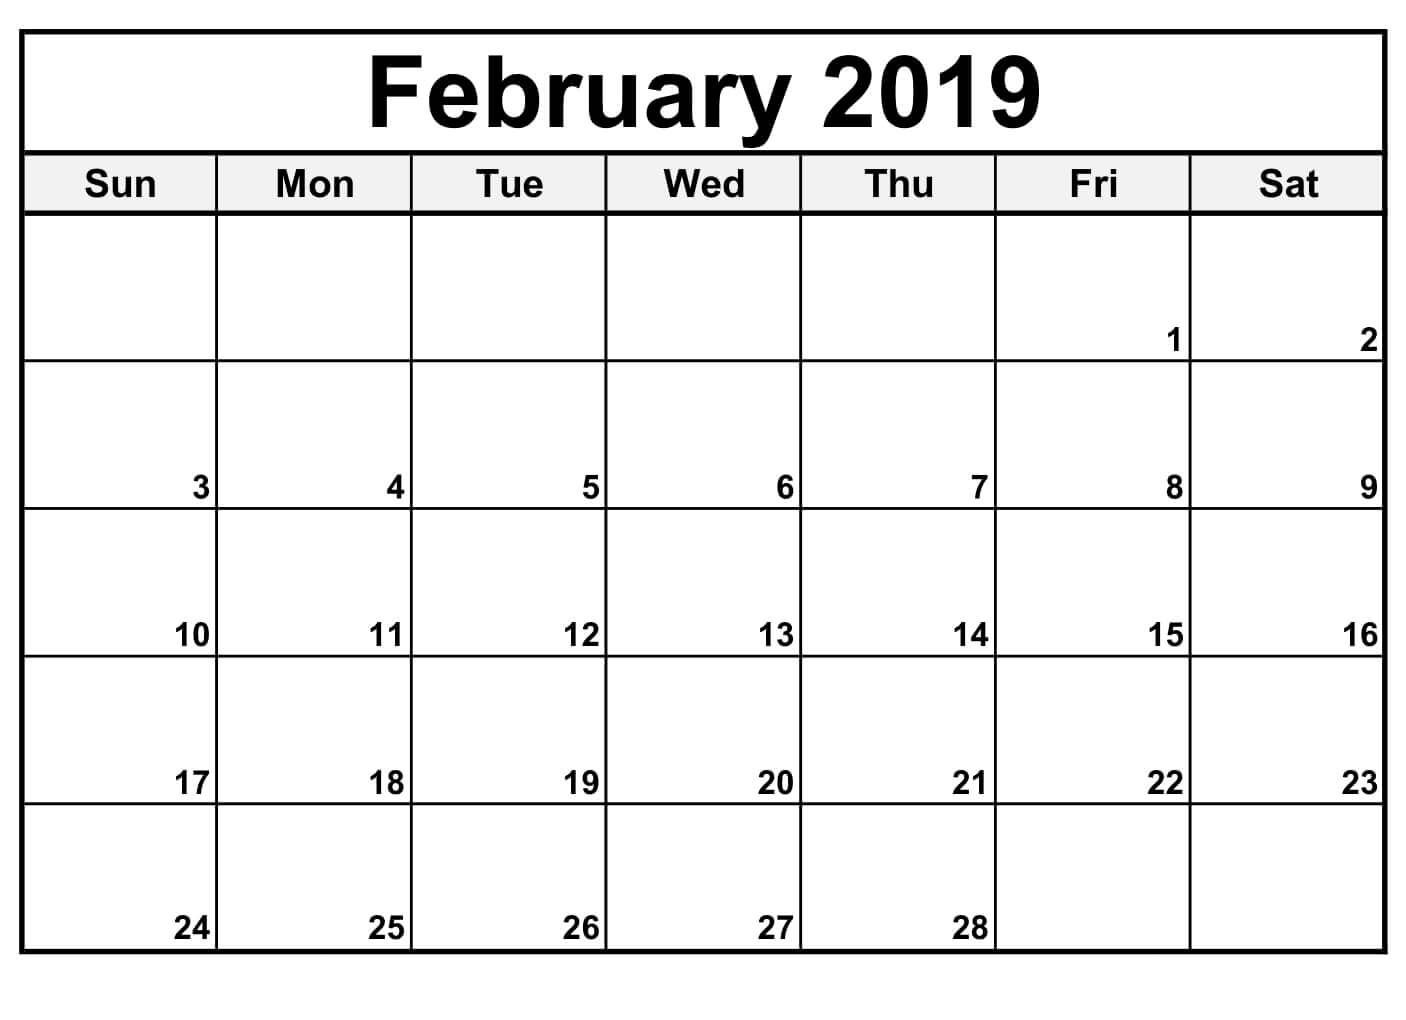 Blank Editable February 2019 Calendar February 2019 Calendar Editable | Free Printable February 2019